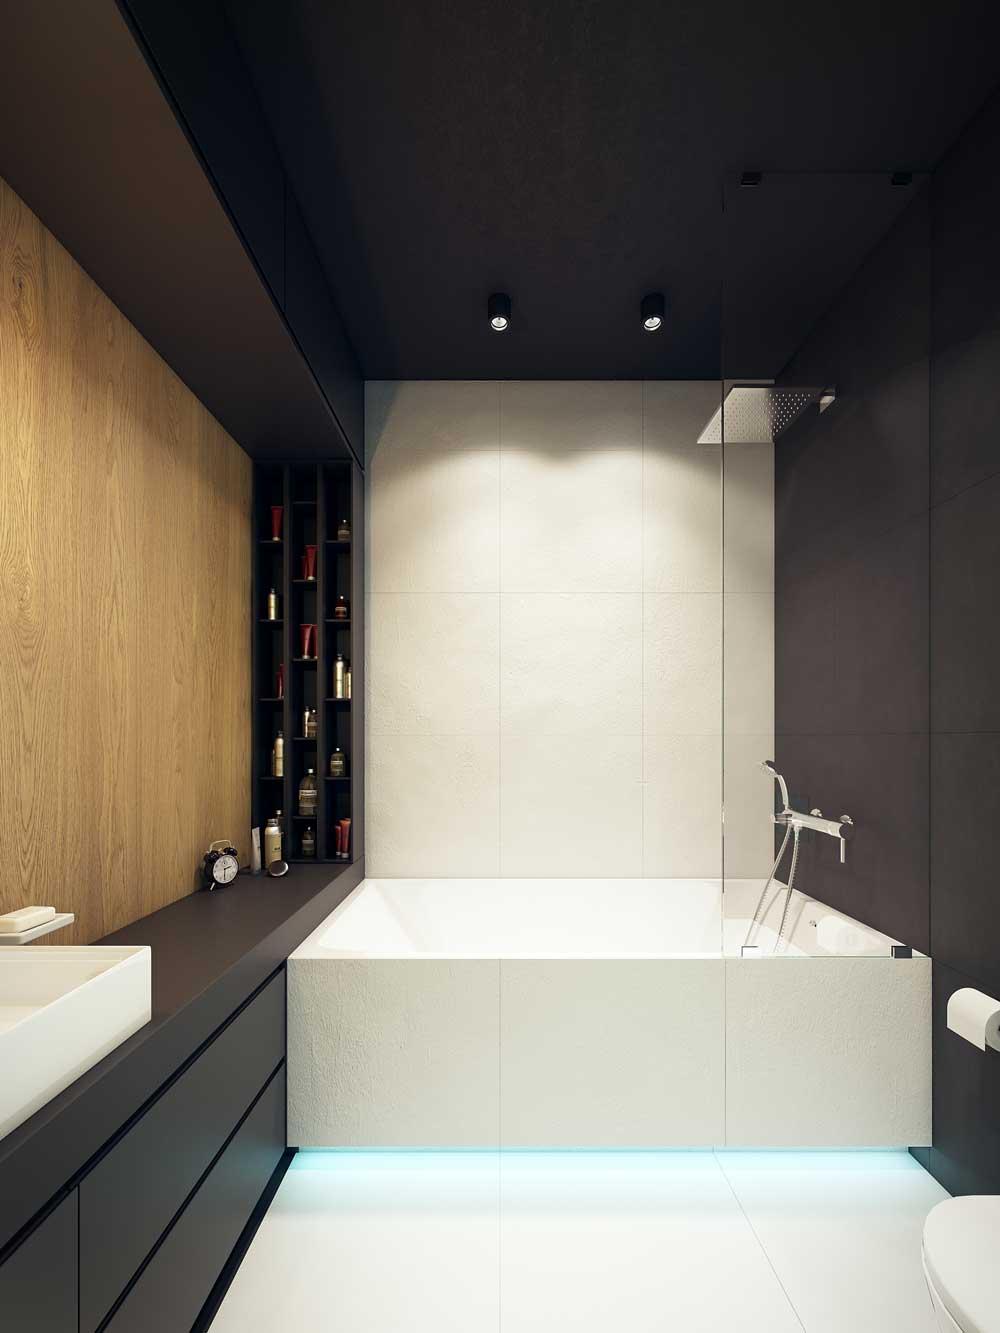 Черный, белый и коричневый цвета в интерьере ванной комнаты